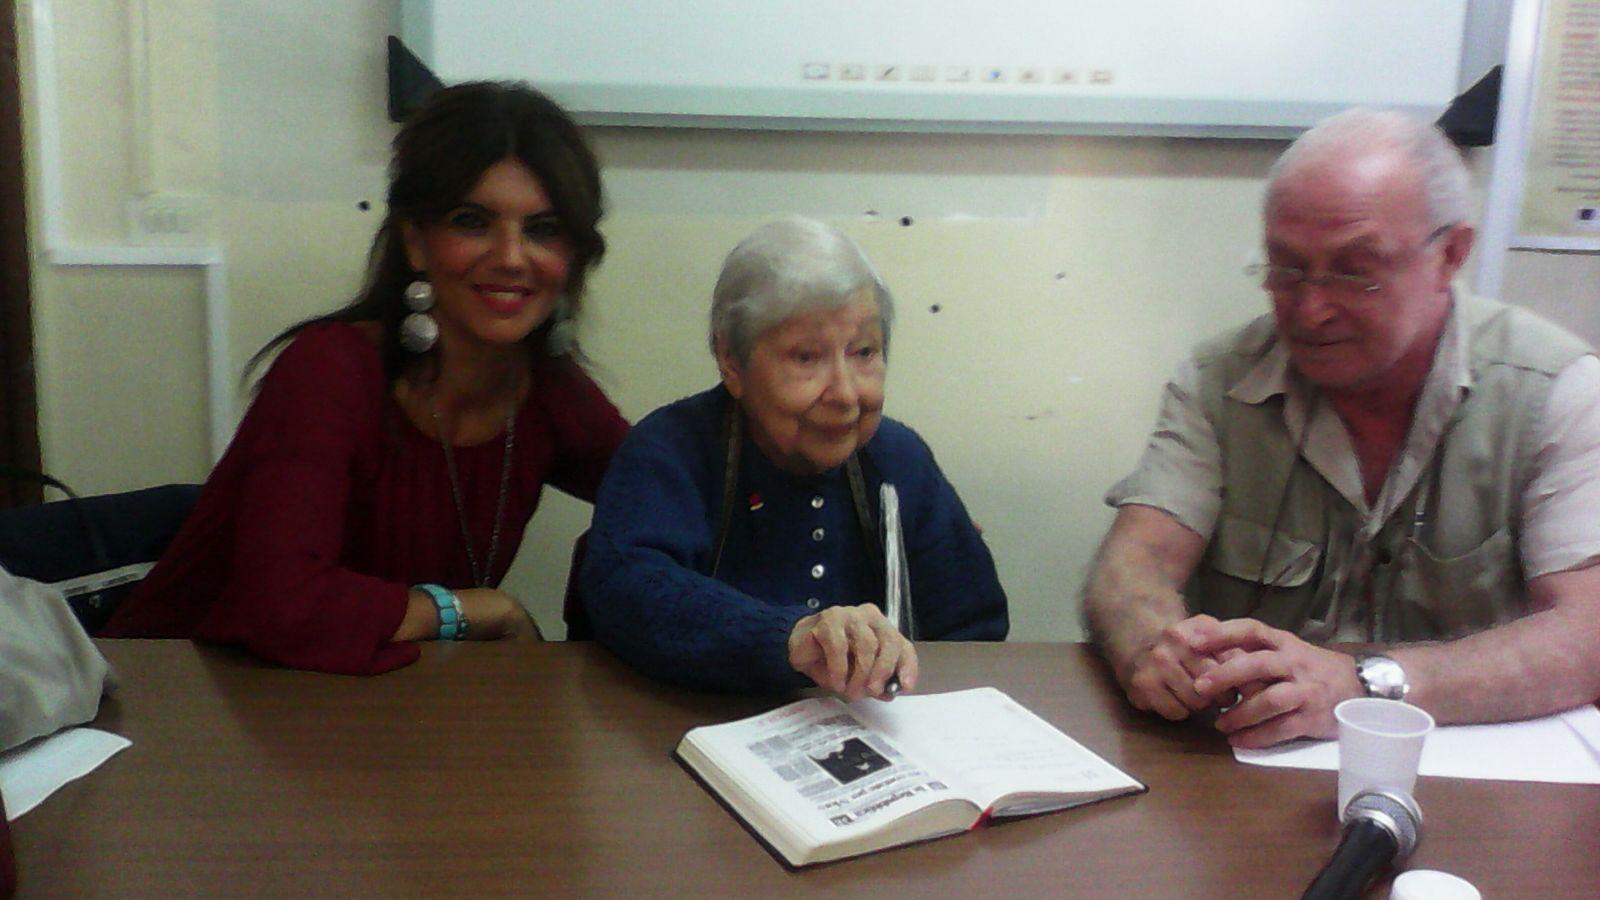 Covid, Addio a Lidia Menapace la partigiana combattente: aveva 96 anni